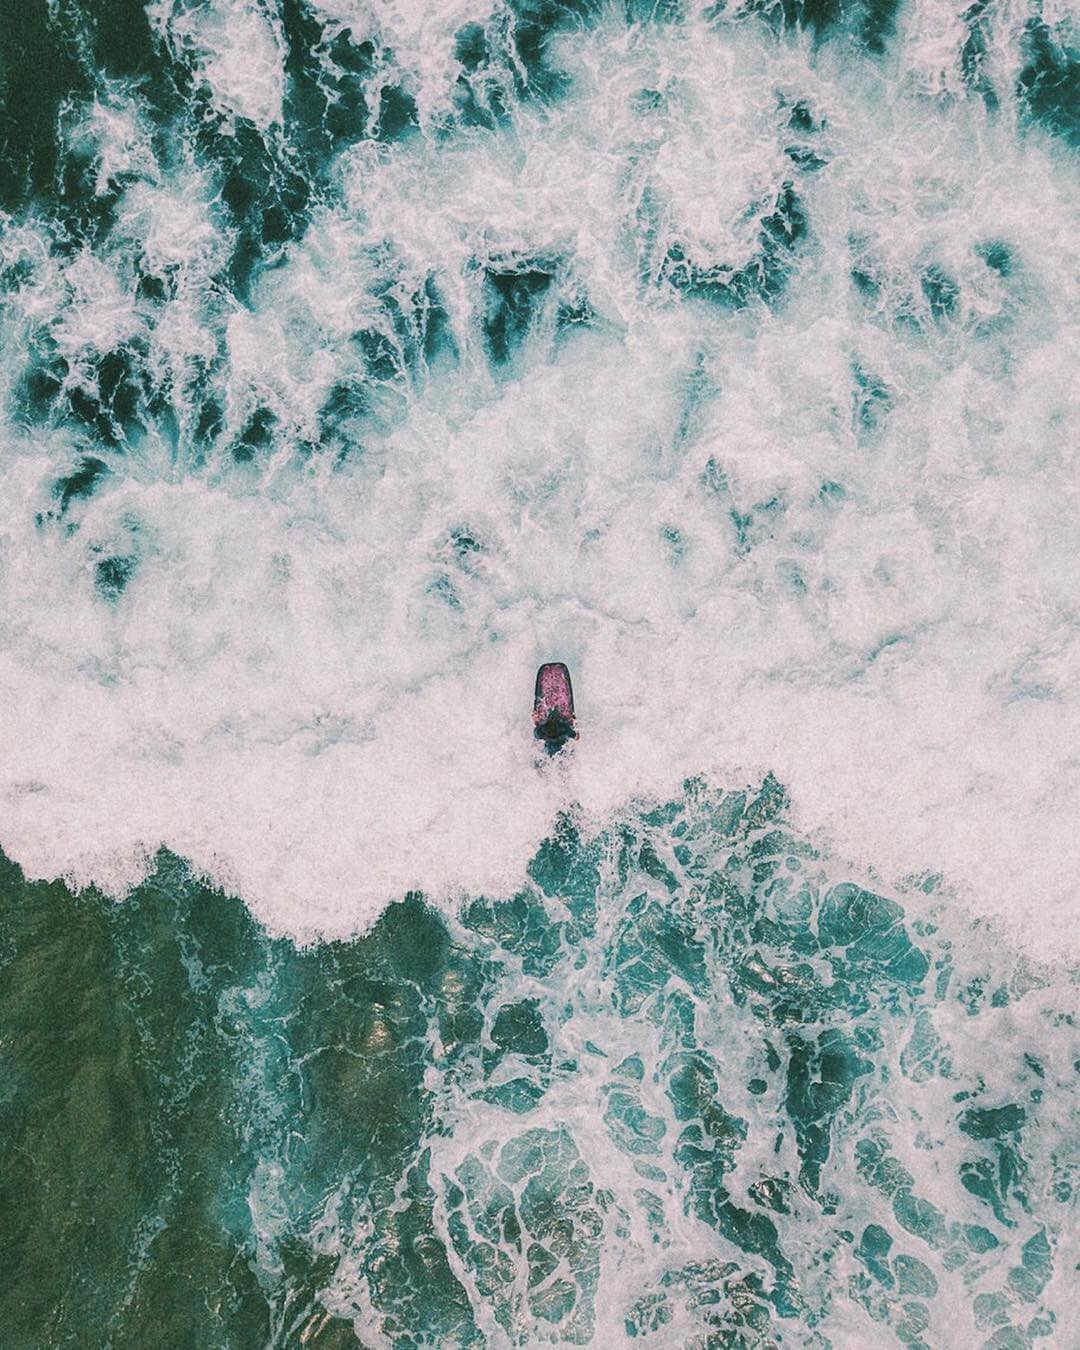 imagen aerea de surf en portugal